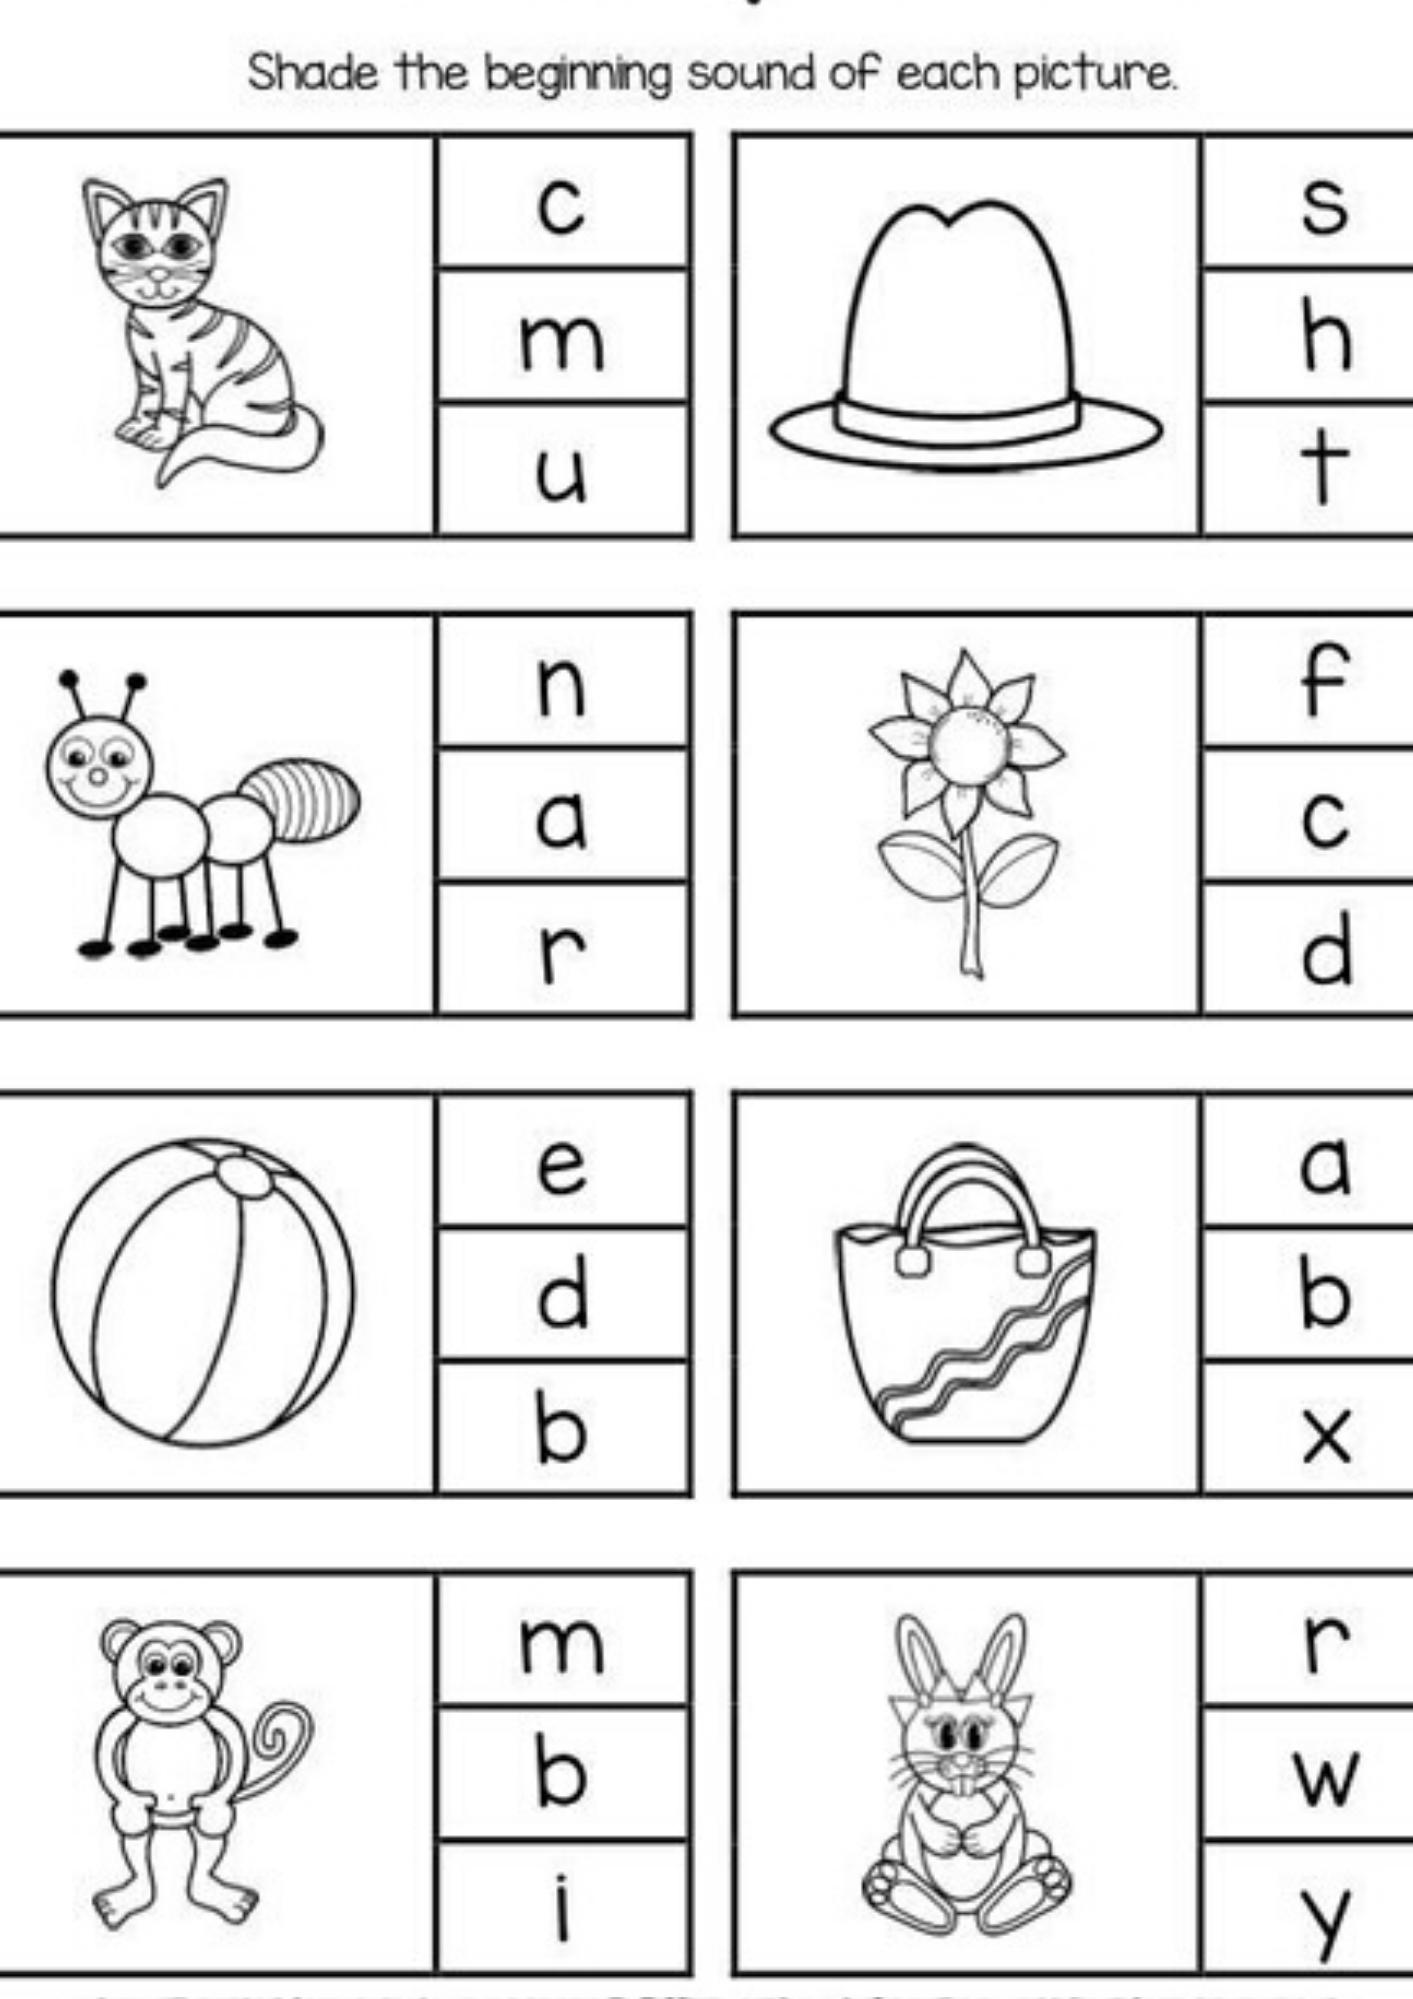 Free Printables For Teaching Preschoolers Literacy In